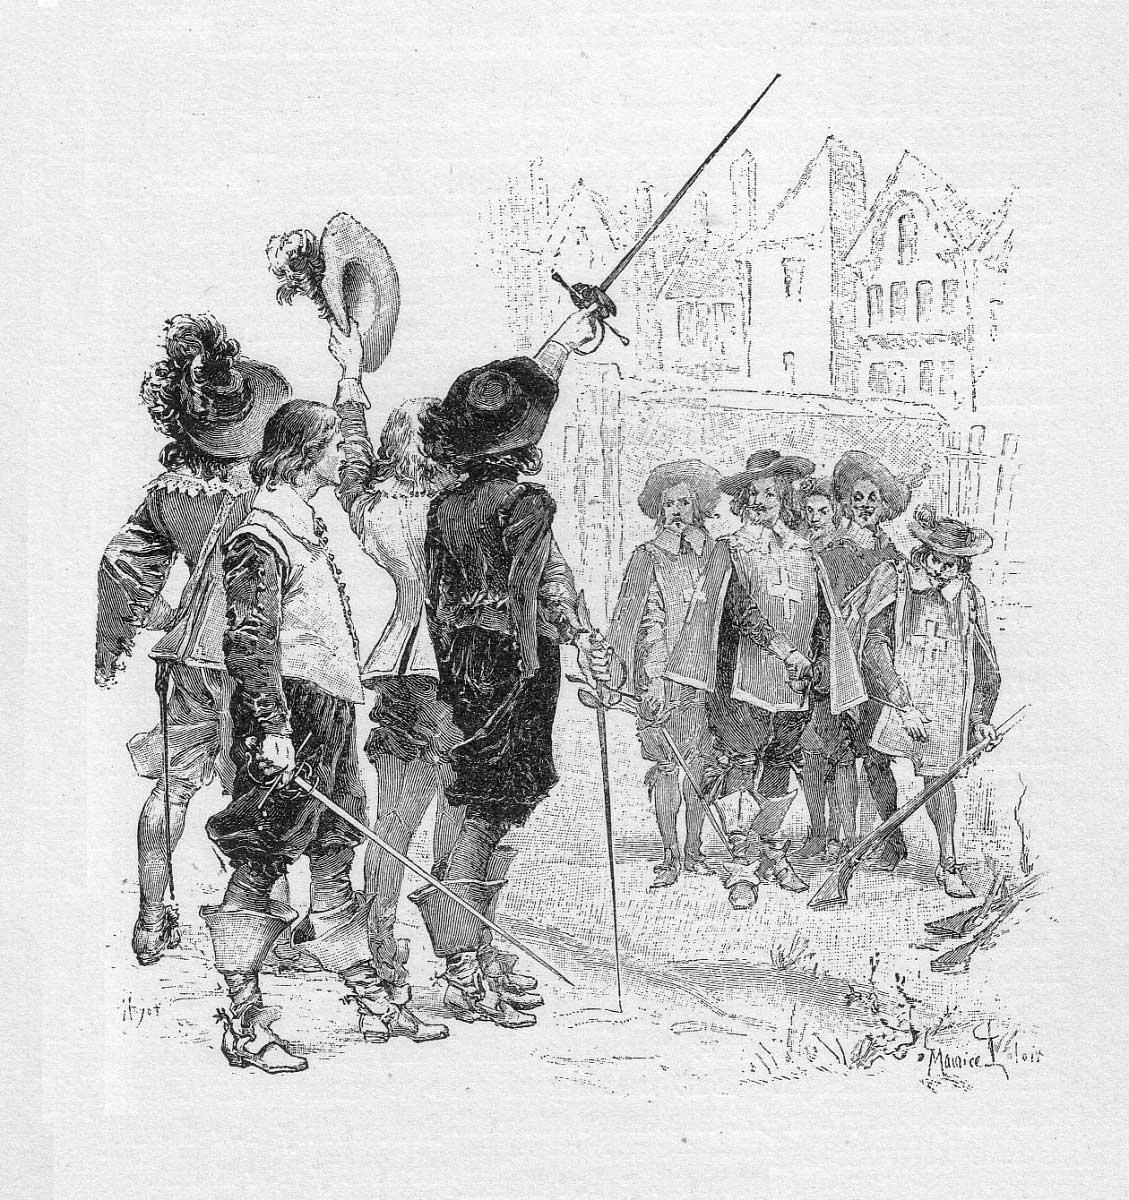 Os Arquetipos Em Os Tres Mosqueteiros De Alexandre Dumas